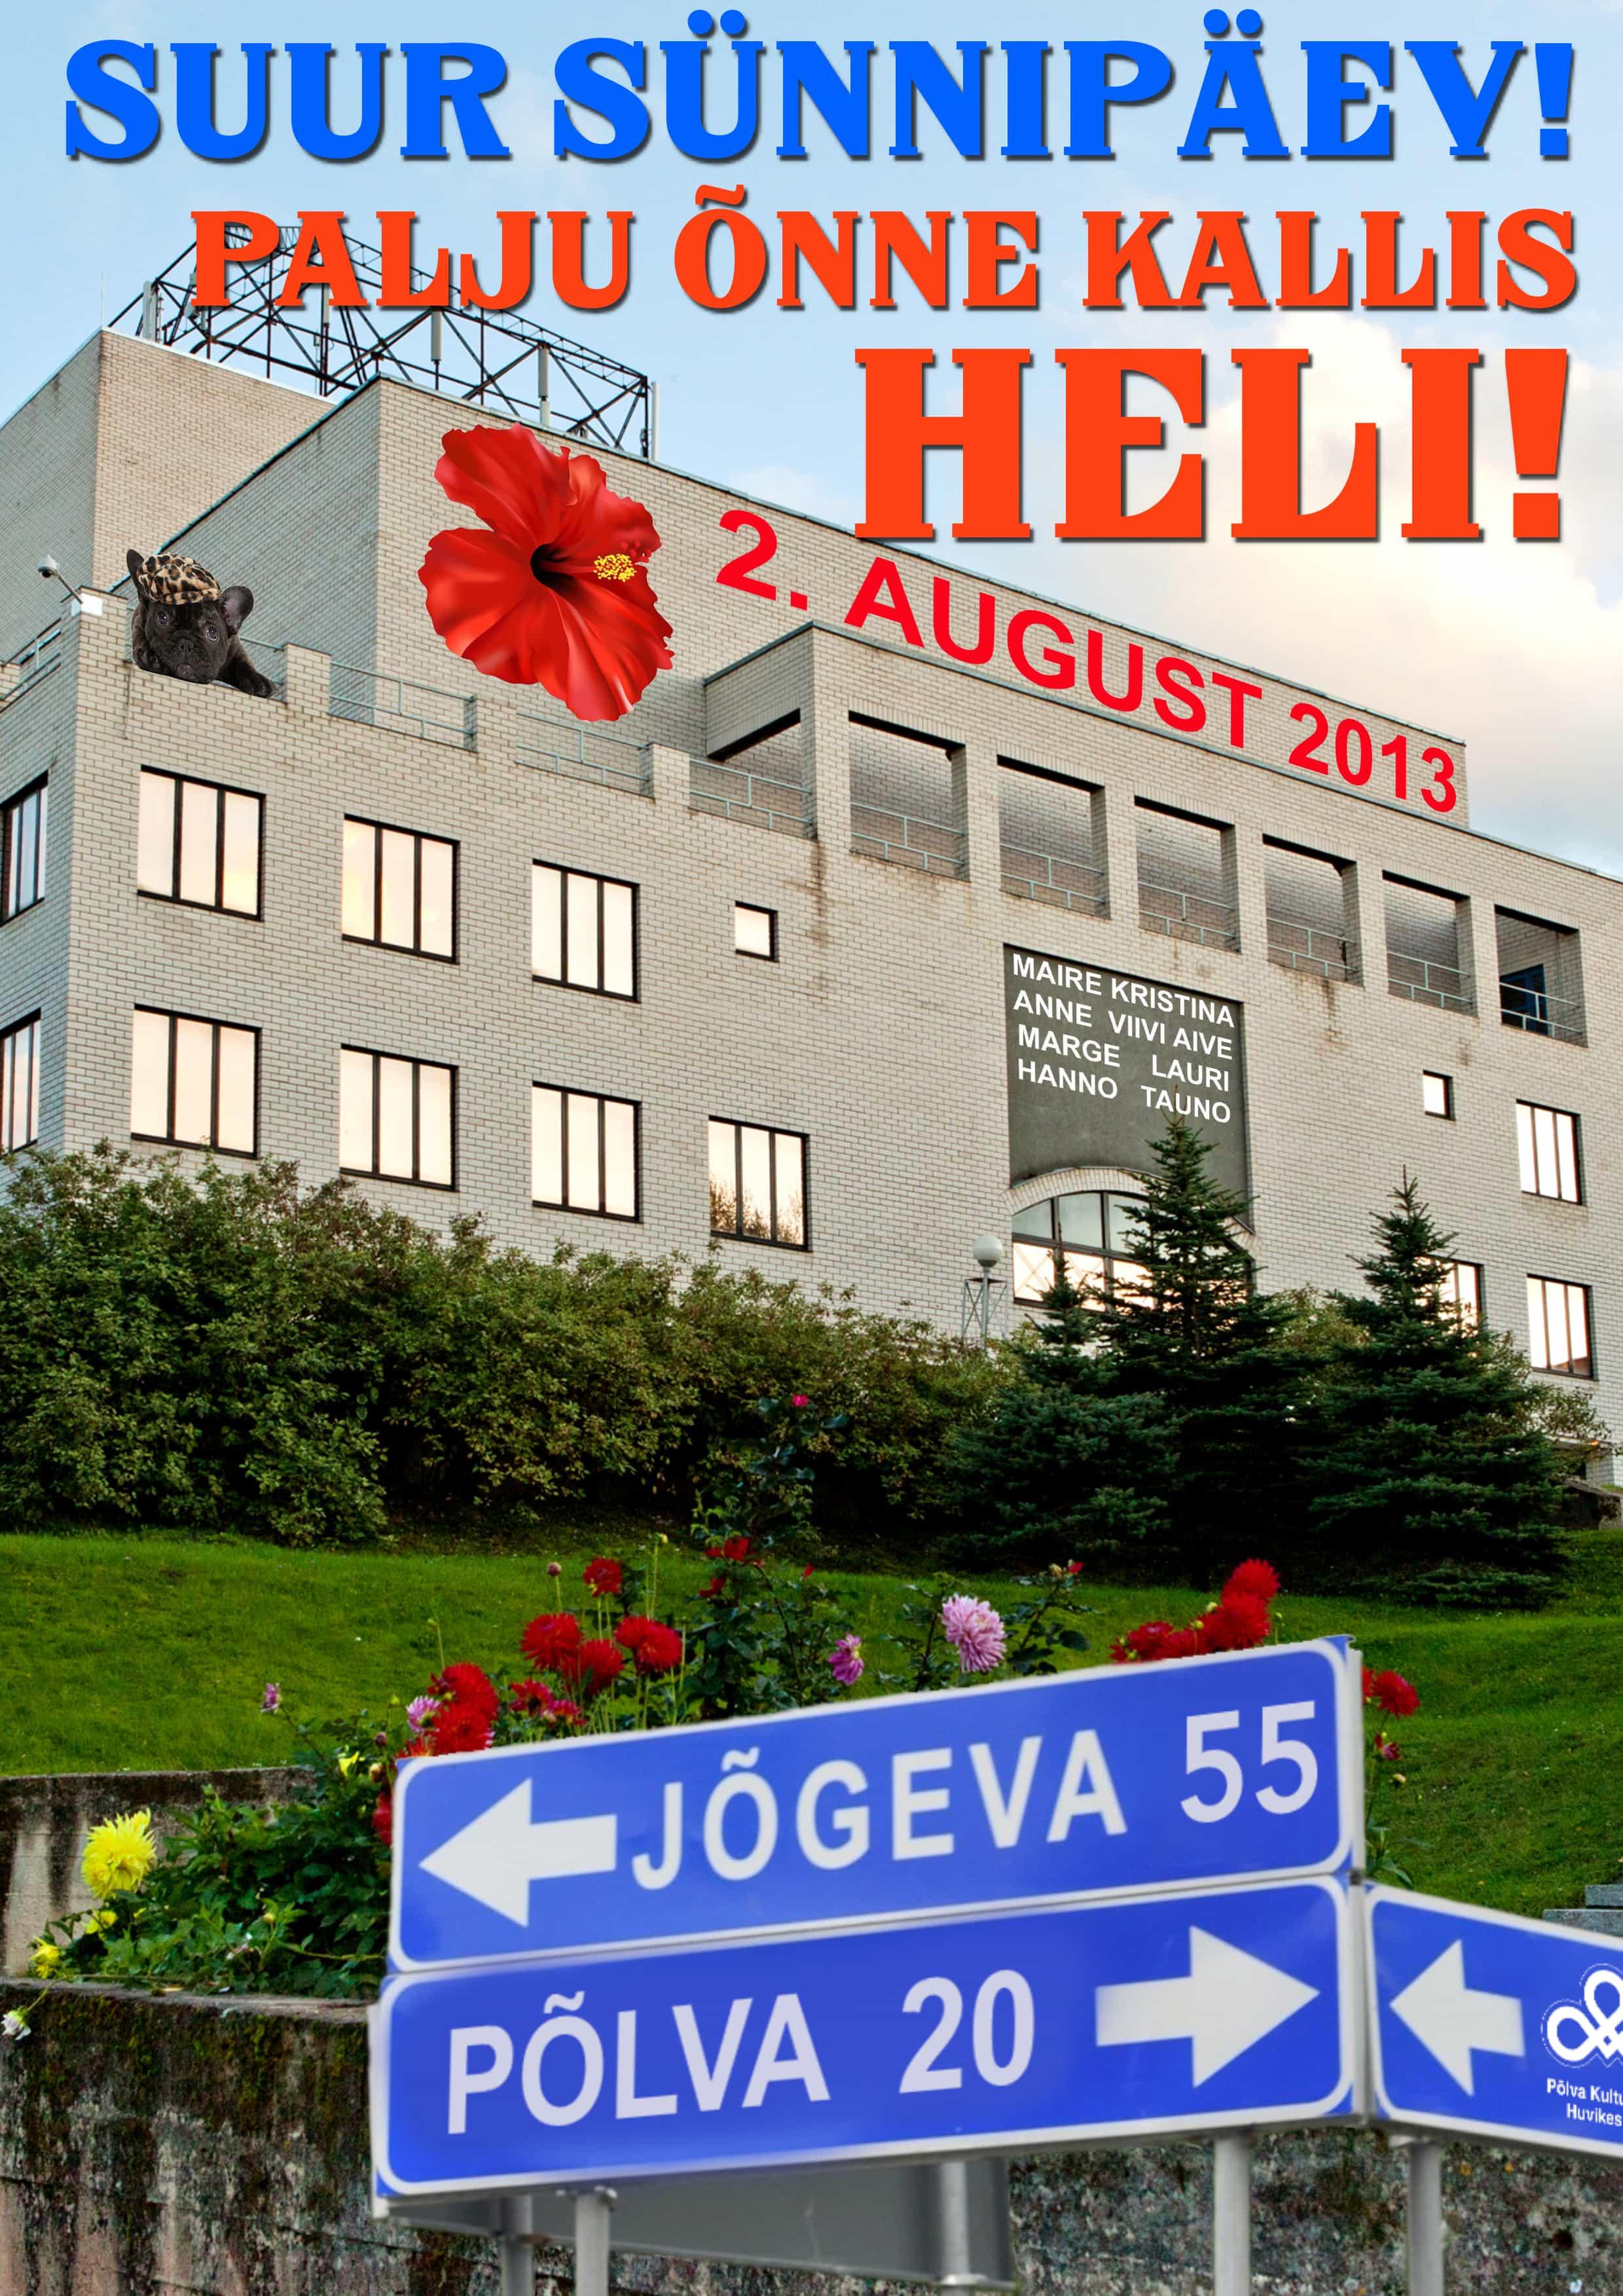 JÕGEVA-55